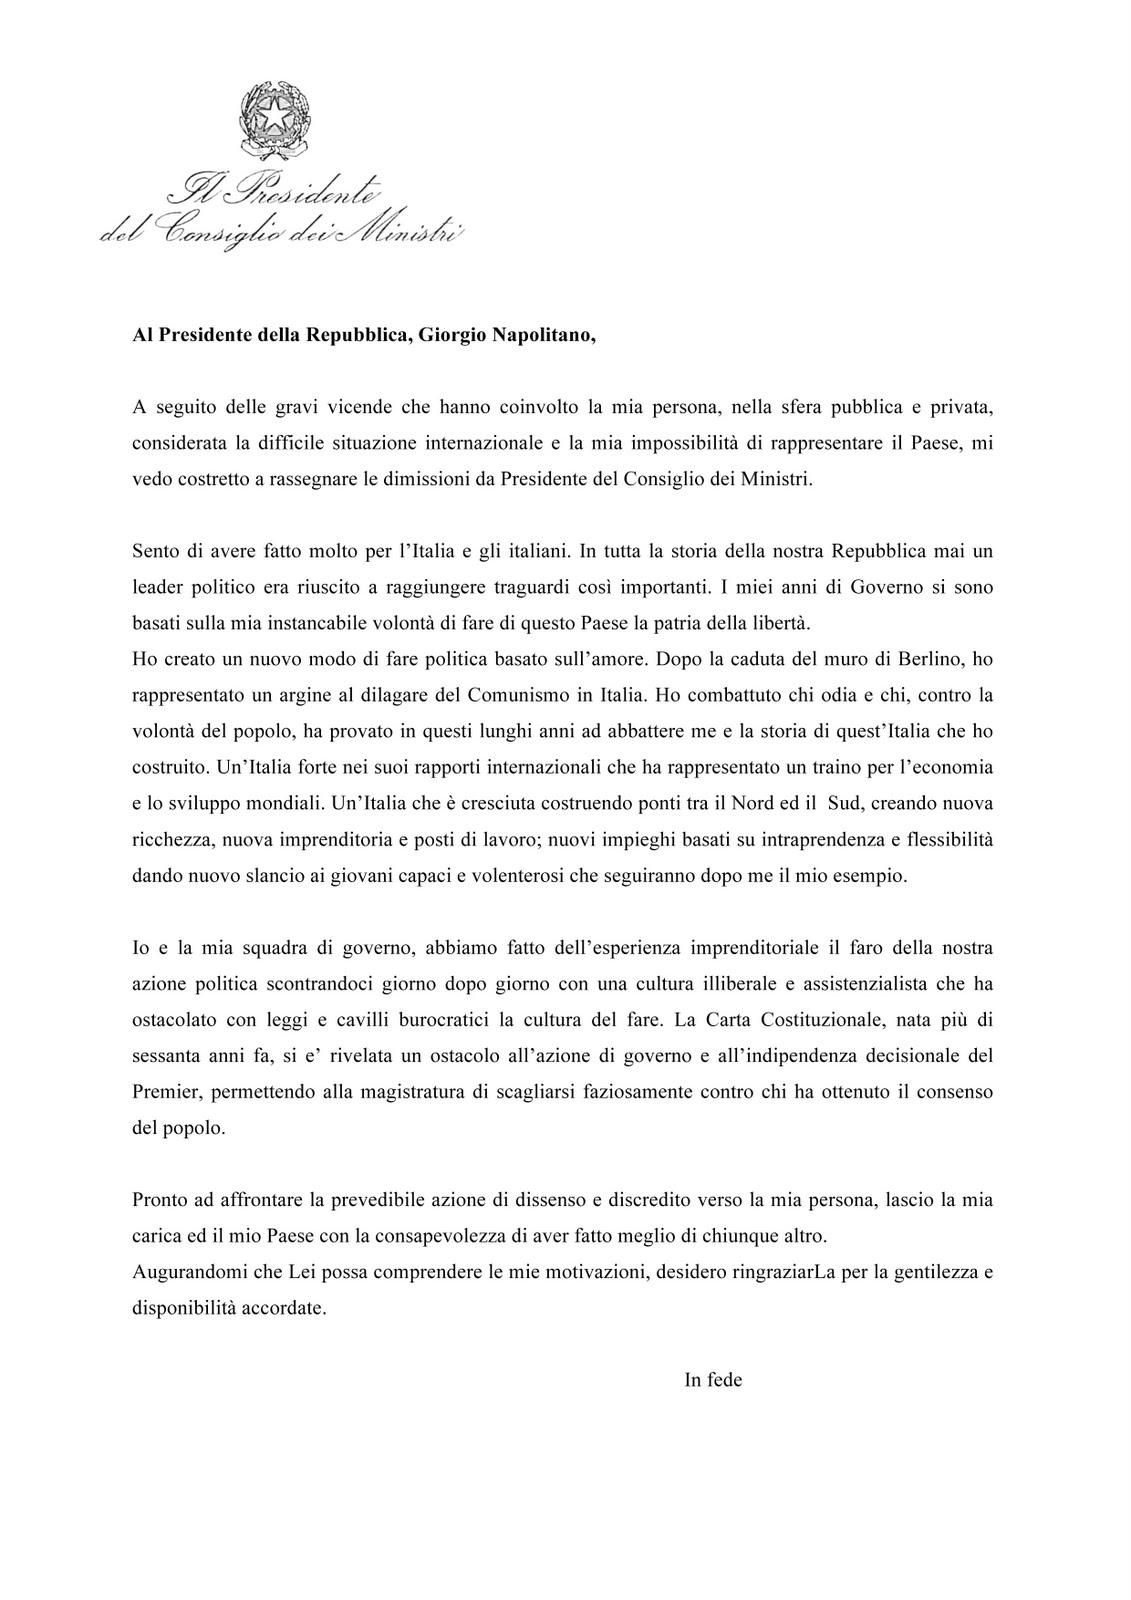 buuuuuuuuu la lettera di dimissioni the resignation letter